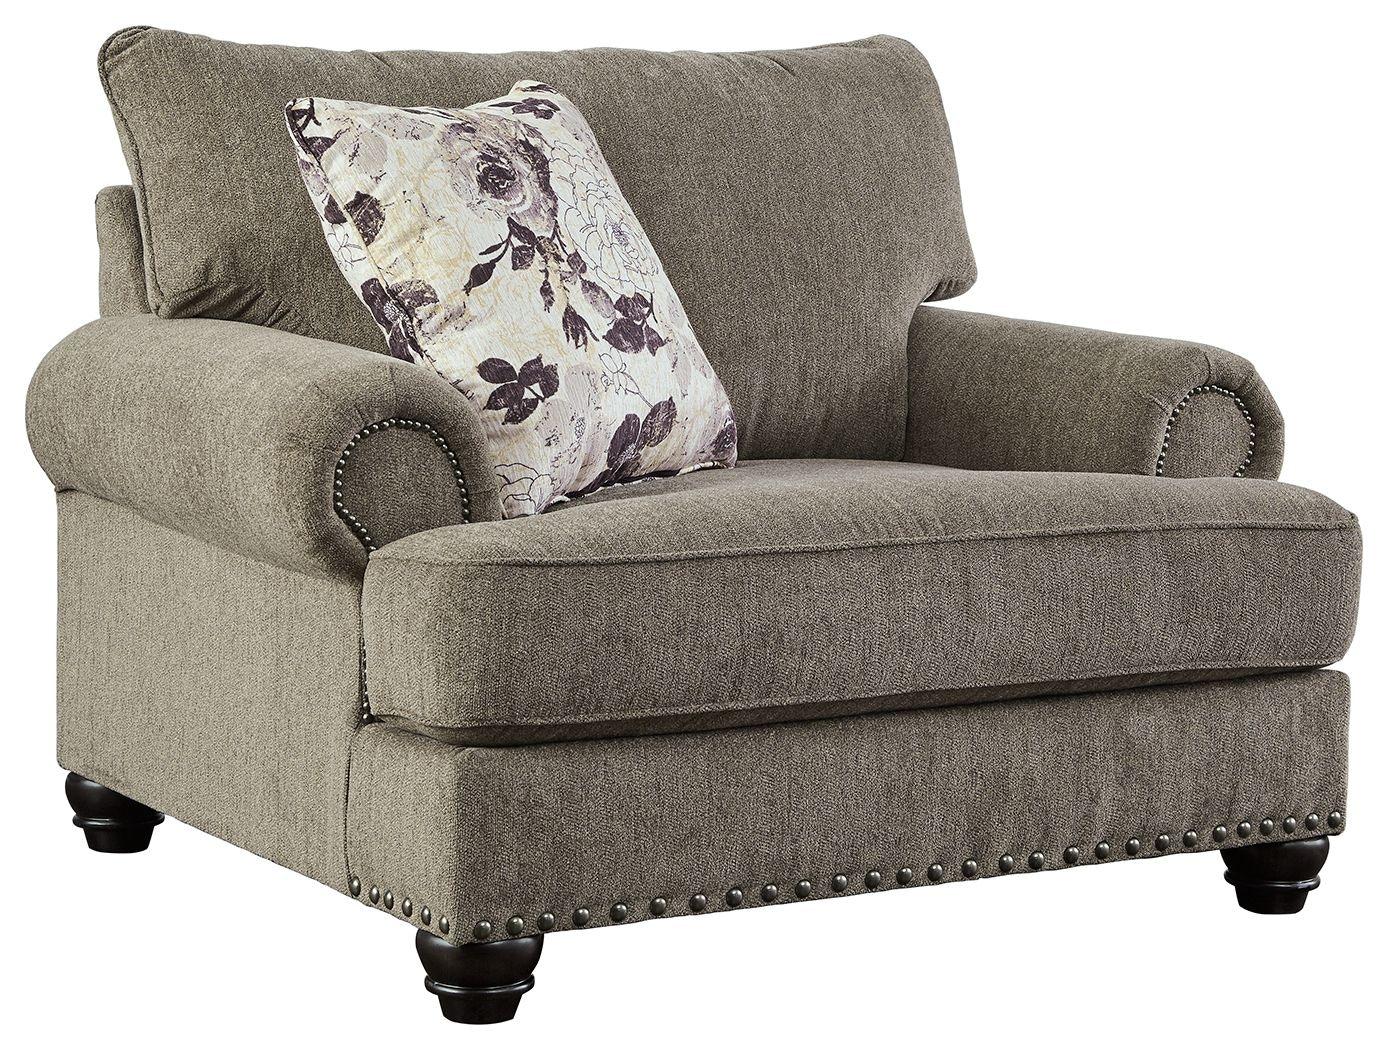 Benchcraft Living Room Sembler Oversized Chair , Skaff